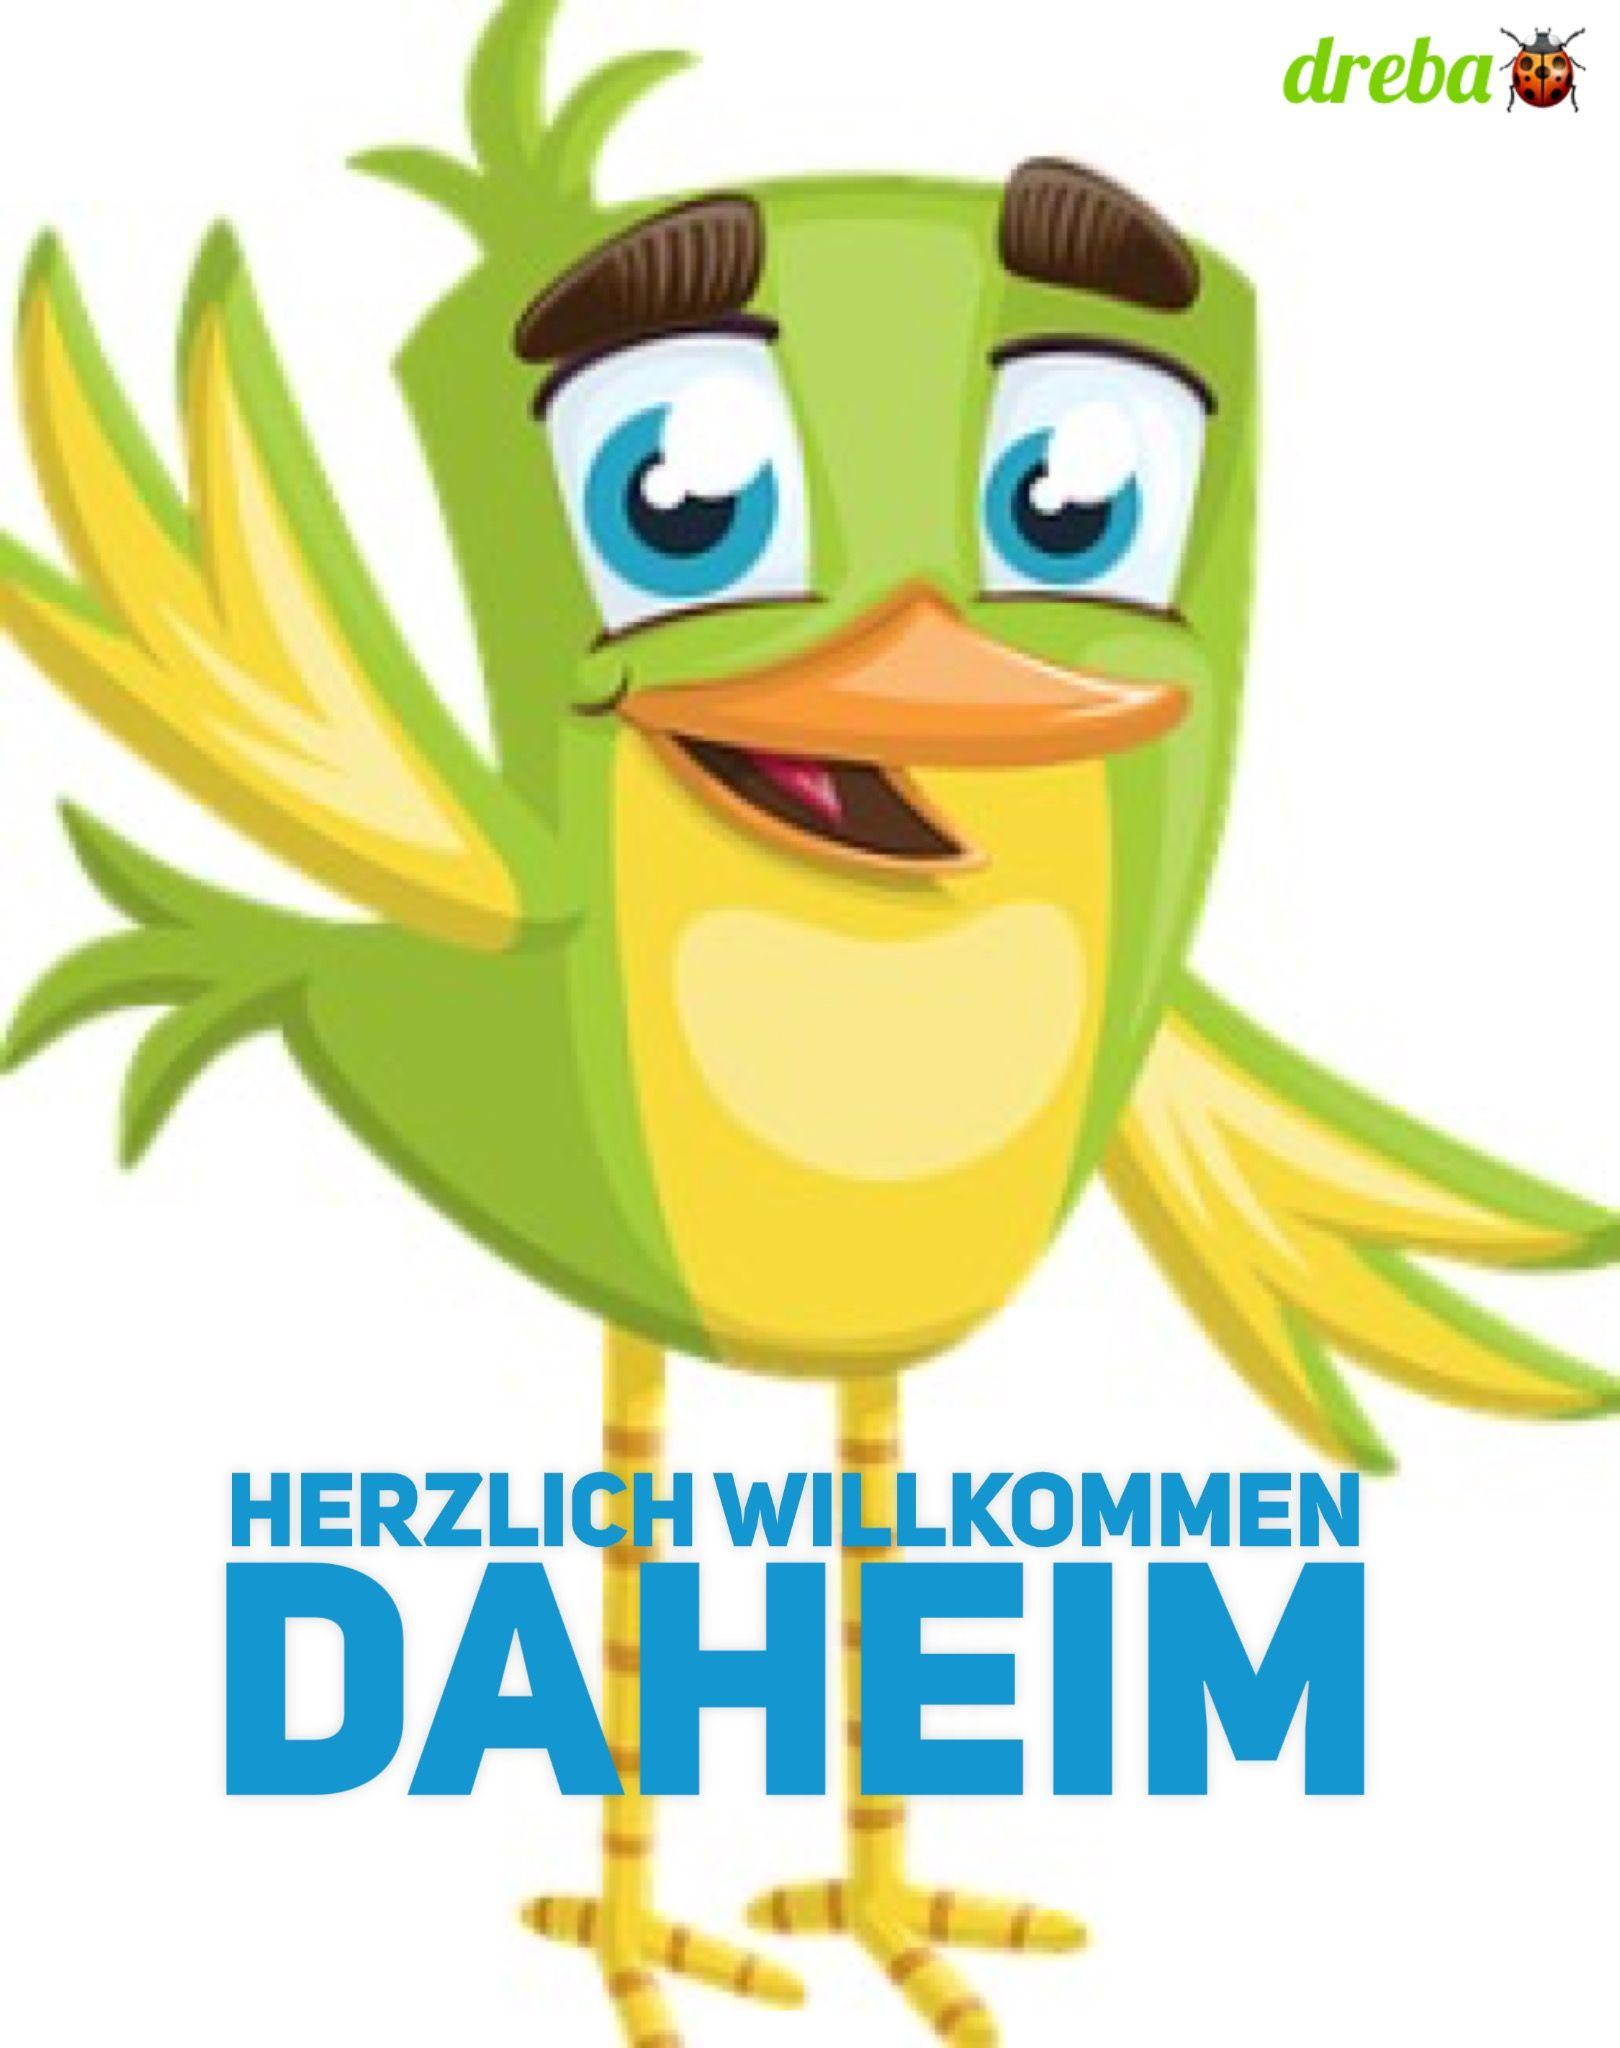 Herzlich Willkommen Daheim  Gestaltete Wünsche & Zitate